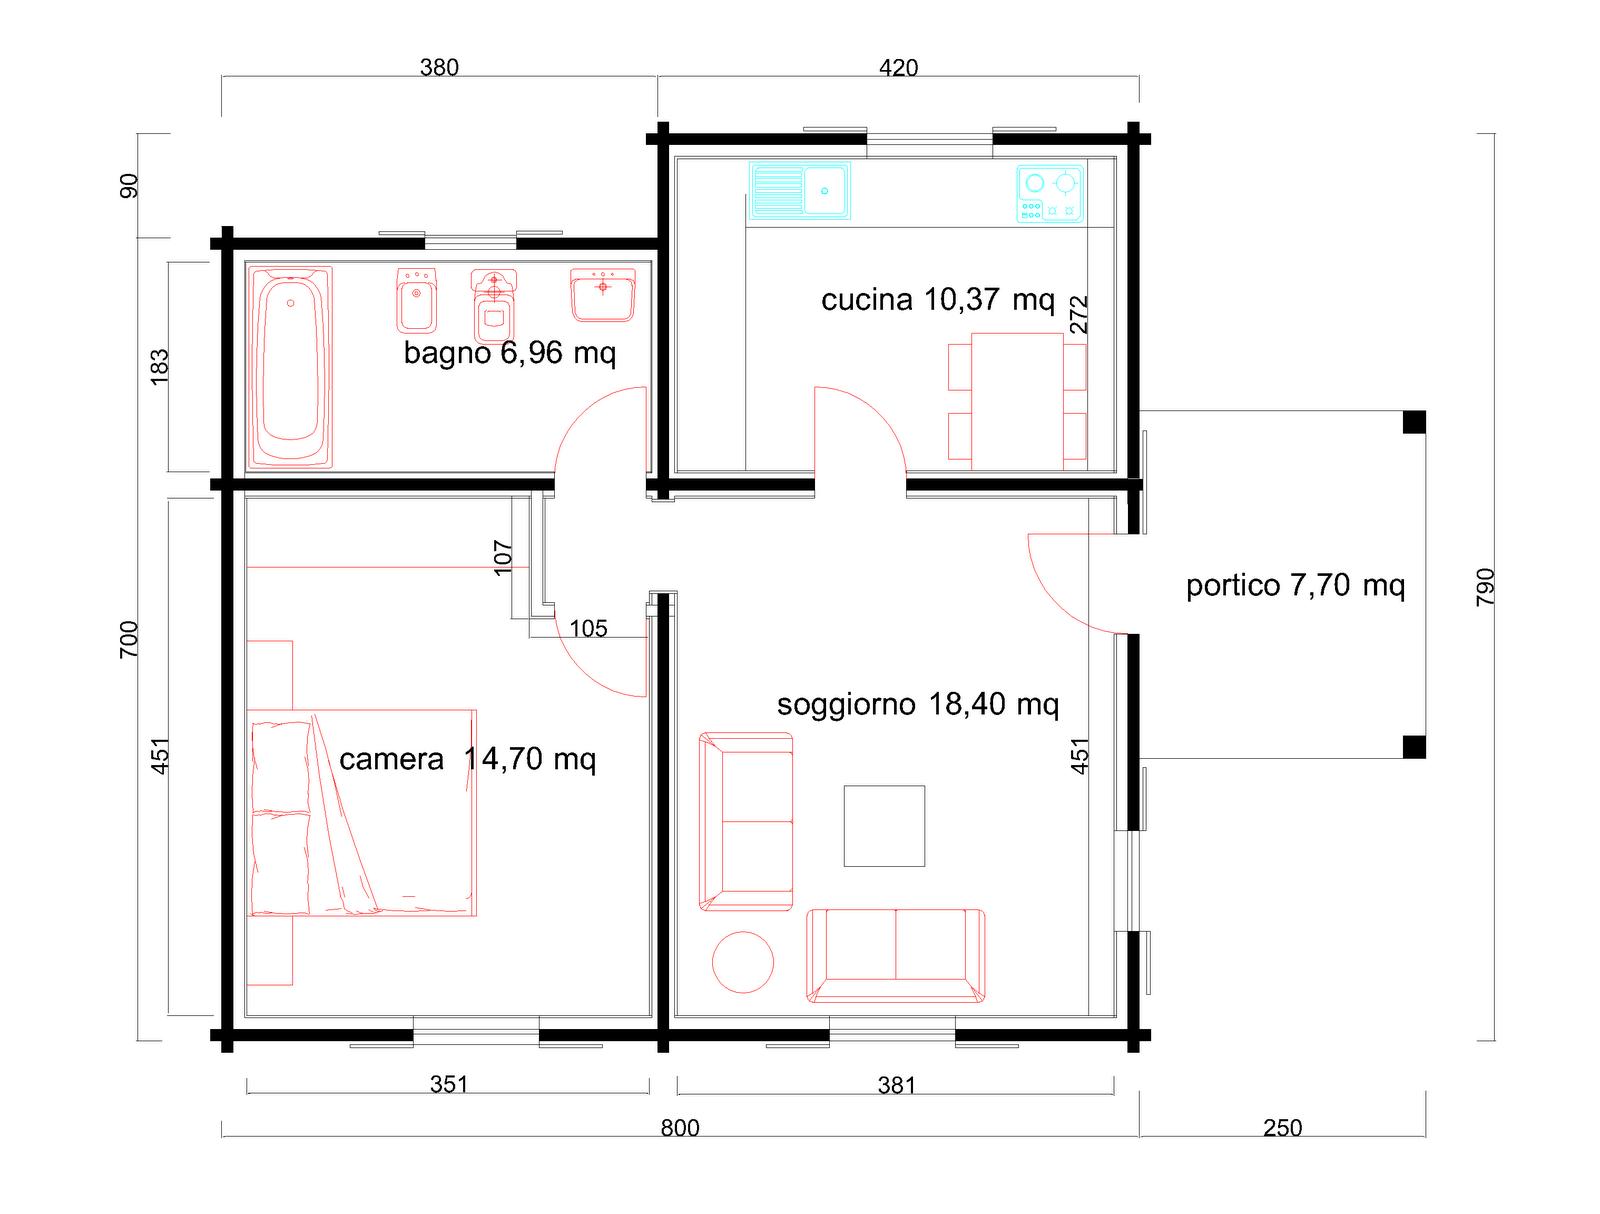 Progetti di case in legno casa 60 mq portico 8 mq for Casa moderna 60 mq